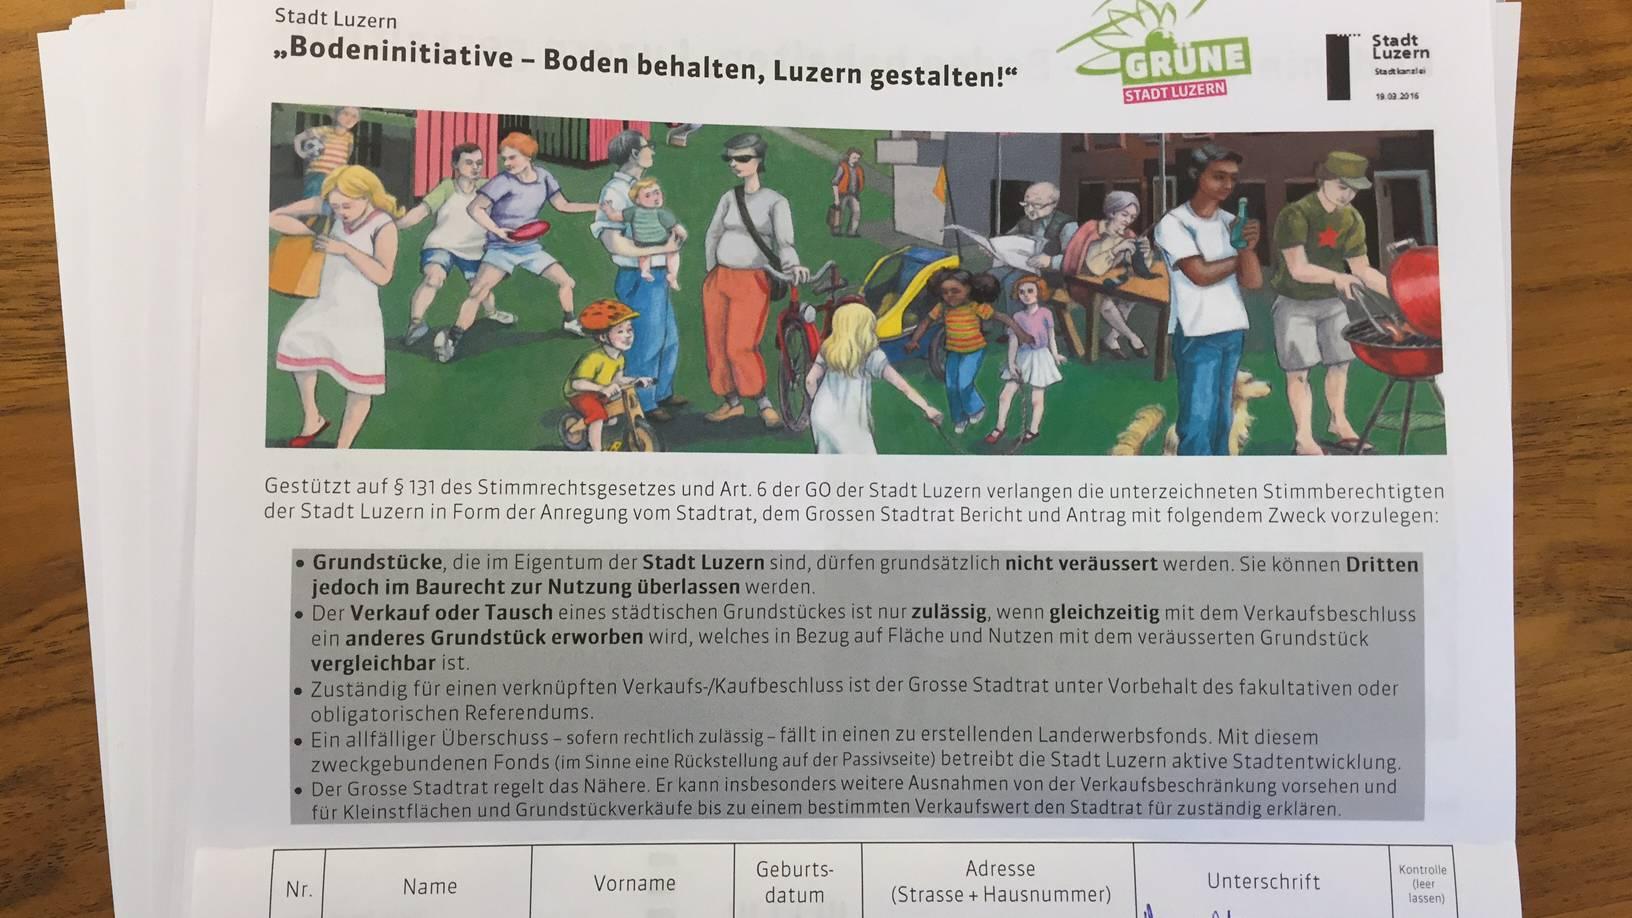 Luzern: Bodeninitiative ist zustande gekommen